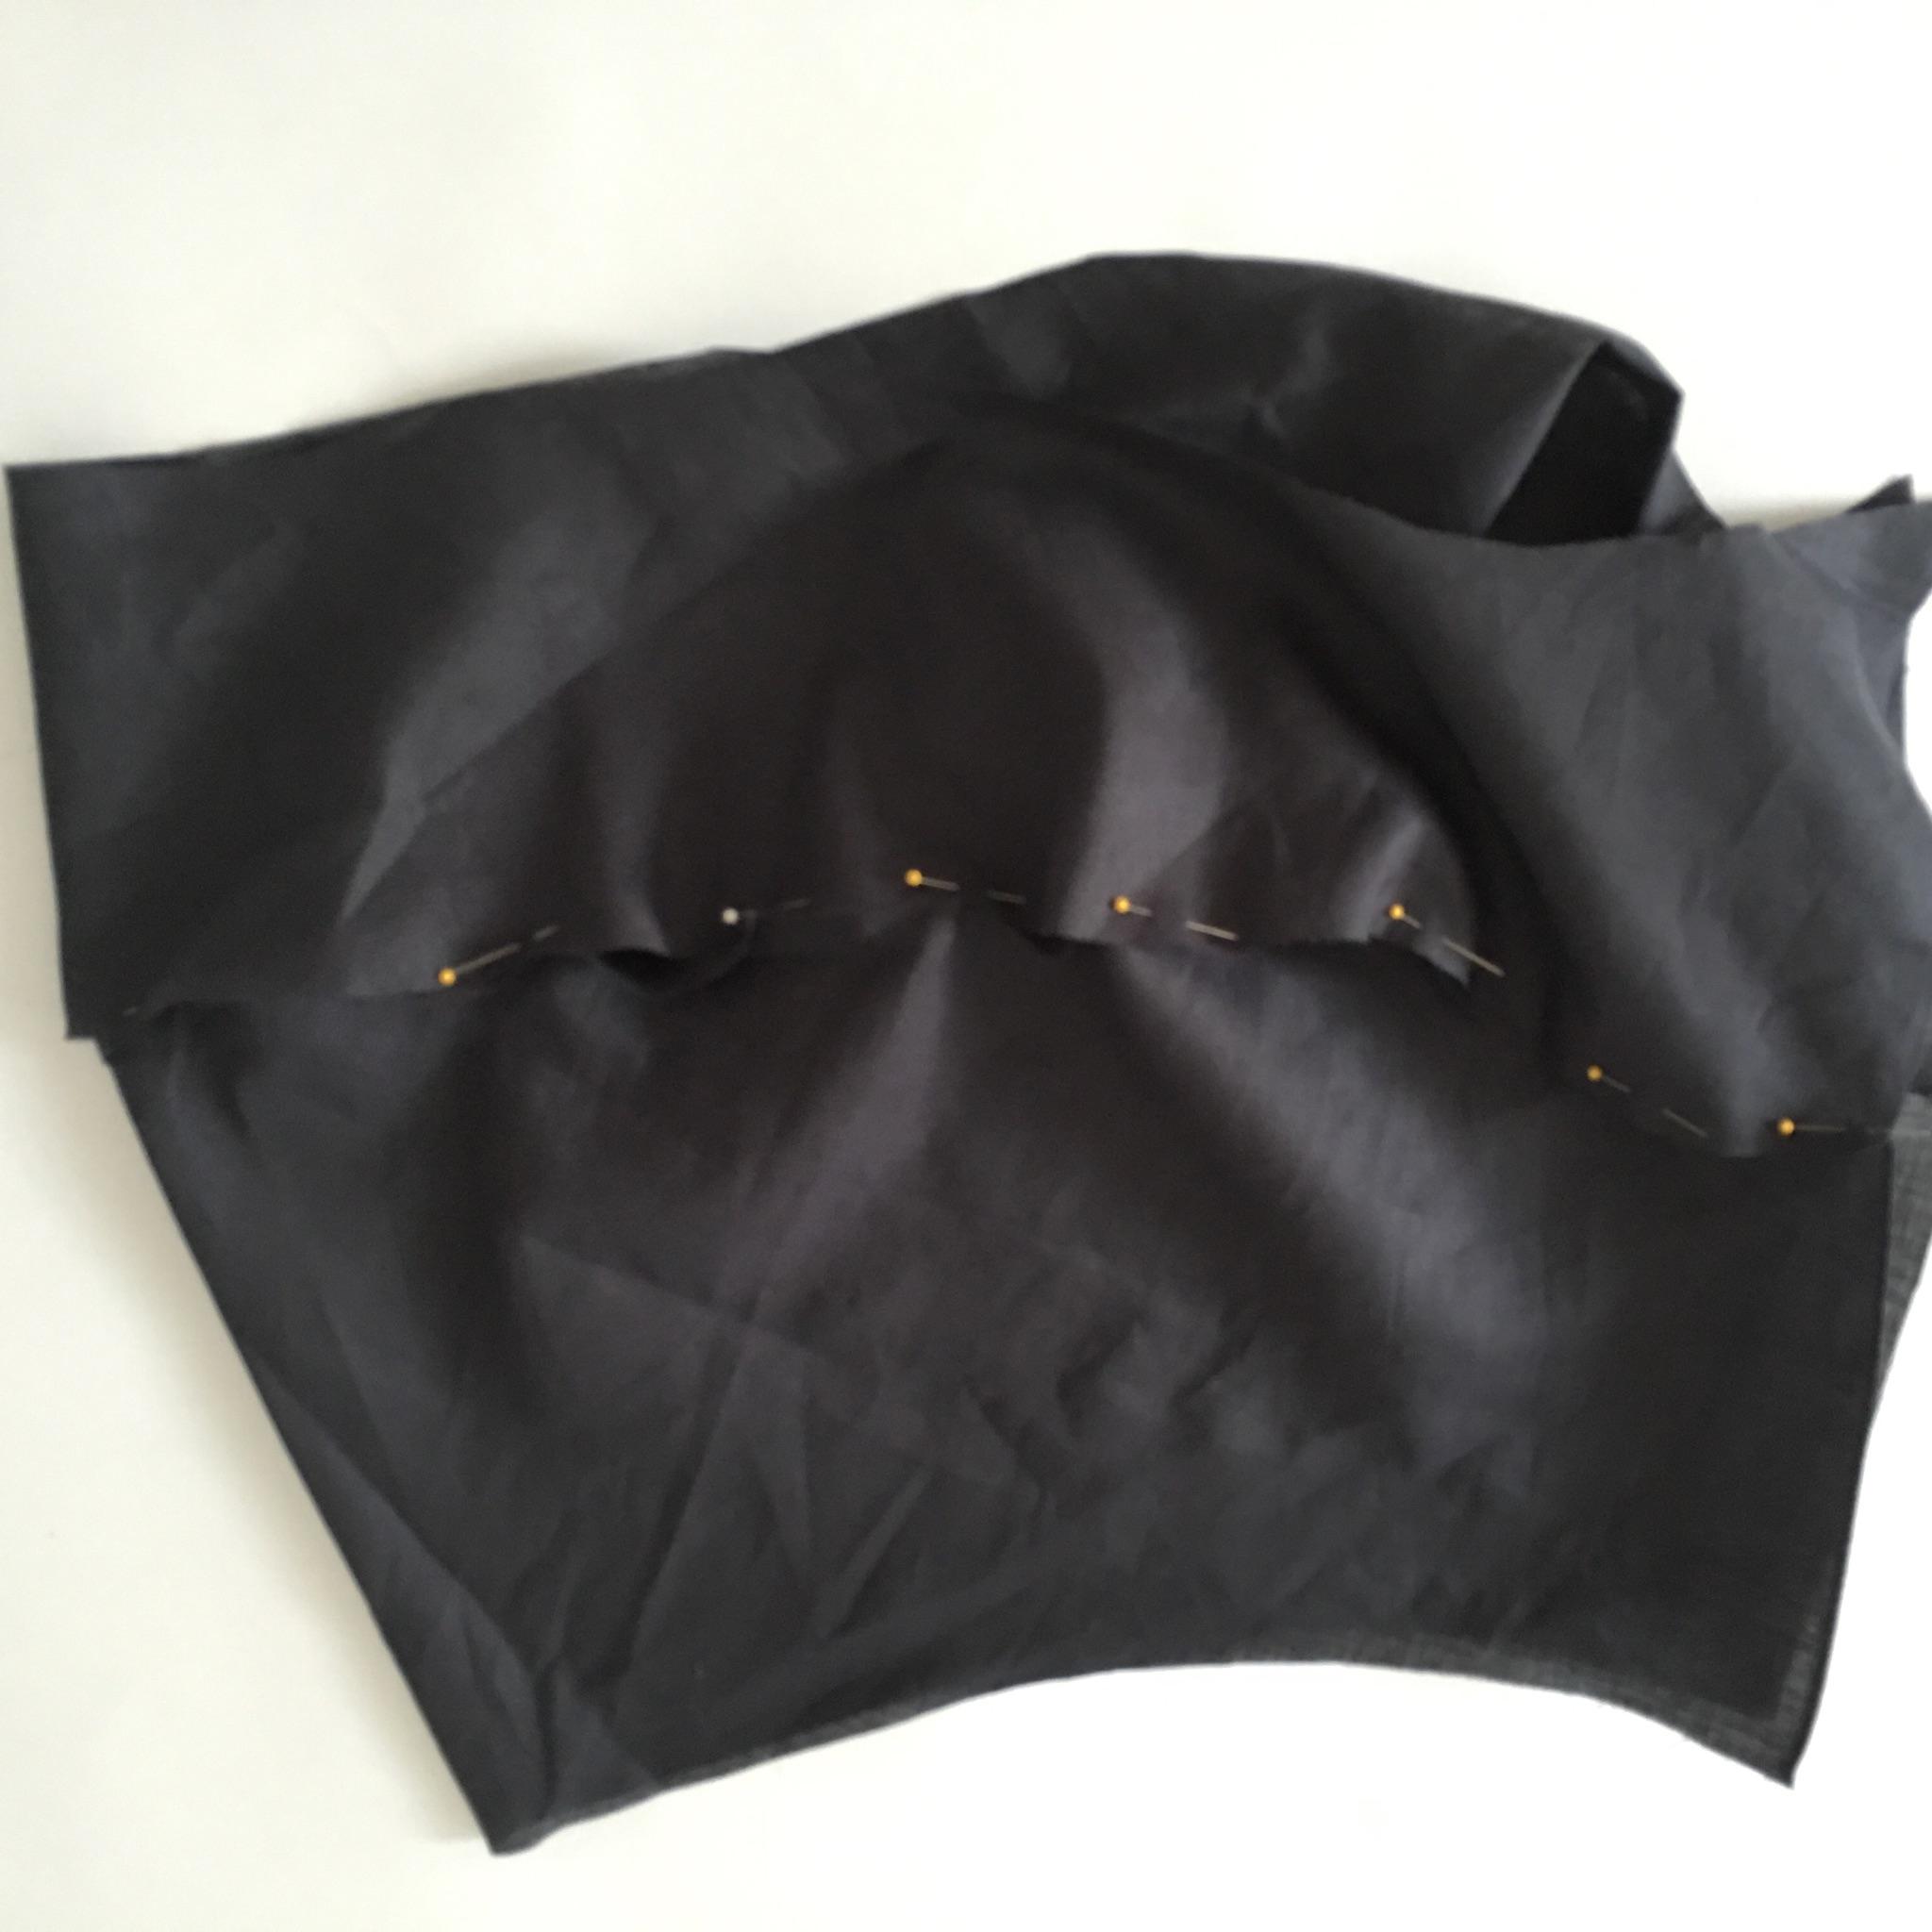 skirt pattern 3.jpg